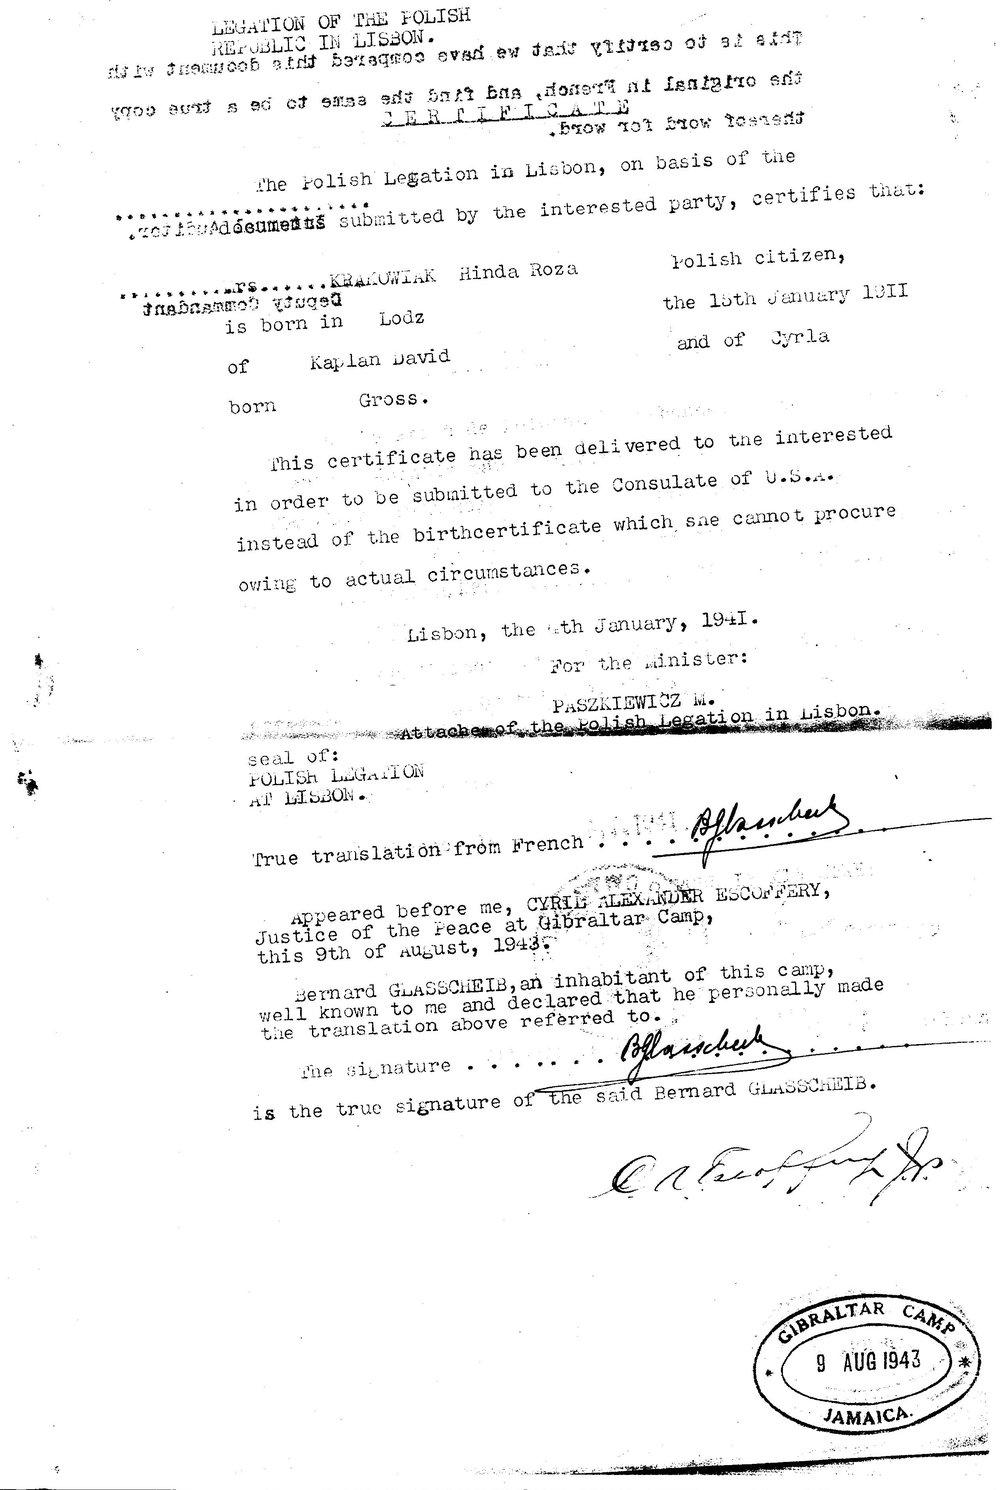 Document 2.b Certificate in Lieu of Birth Certificate (translation)